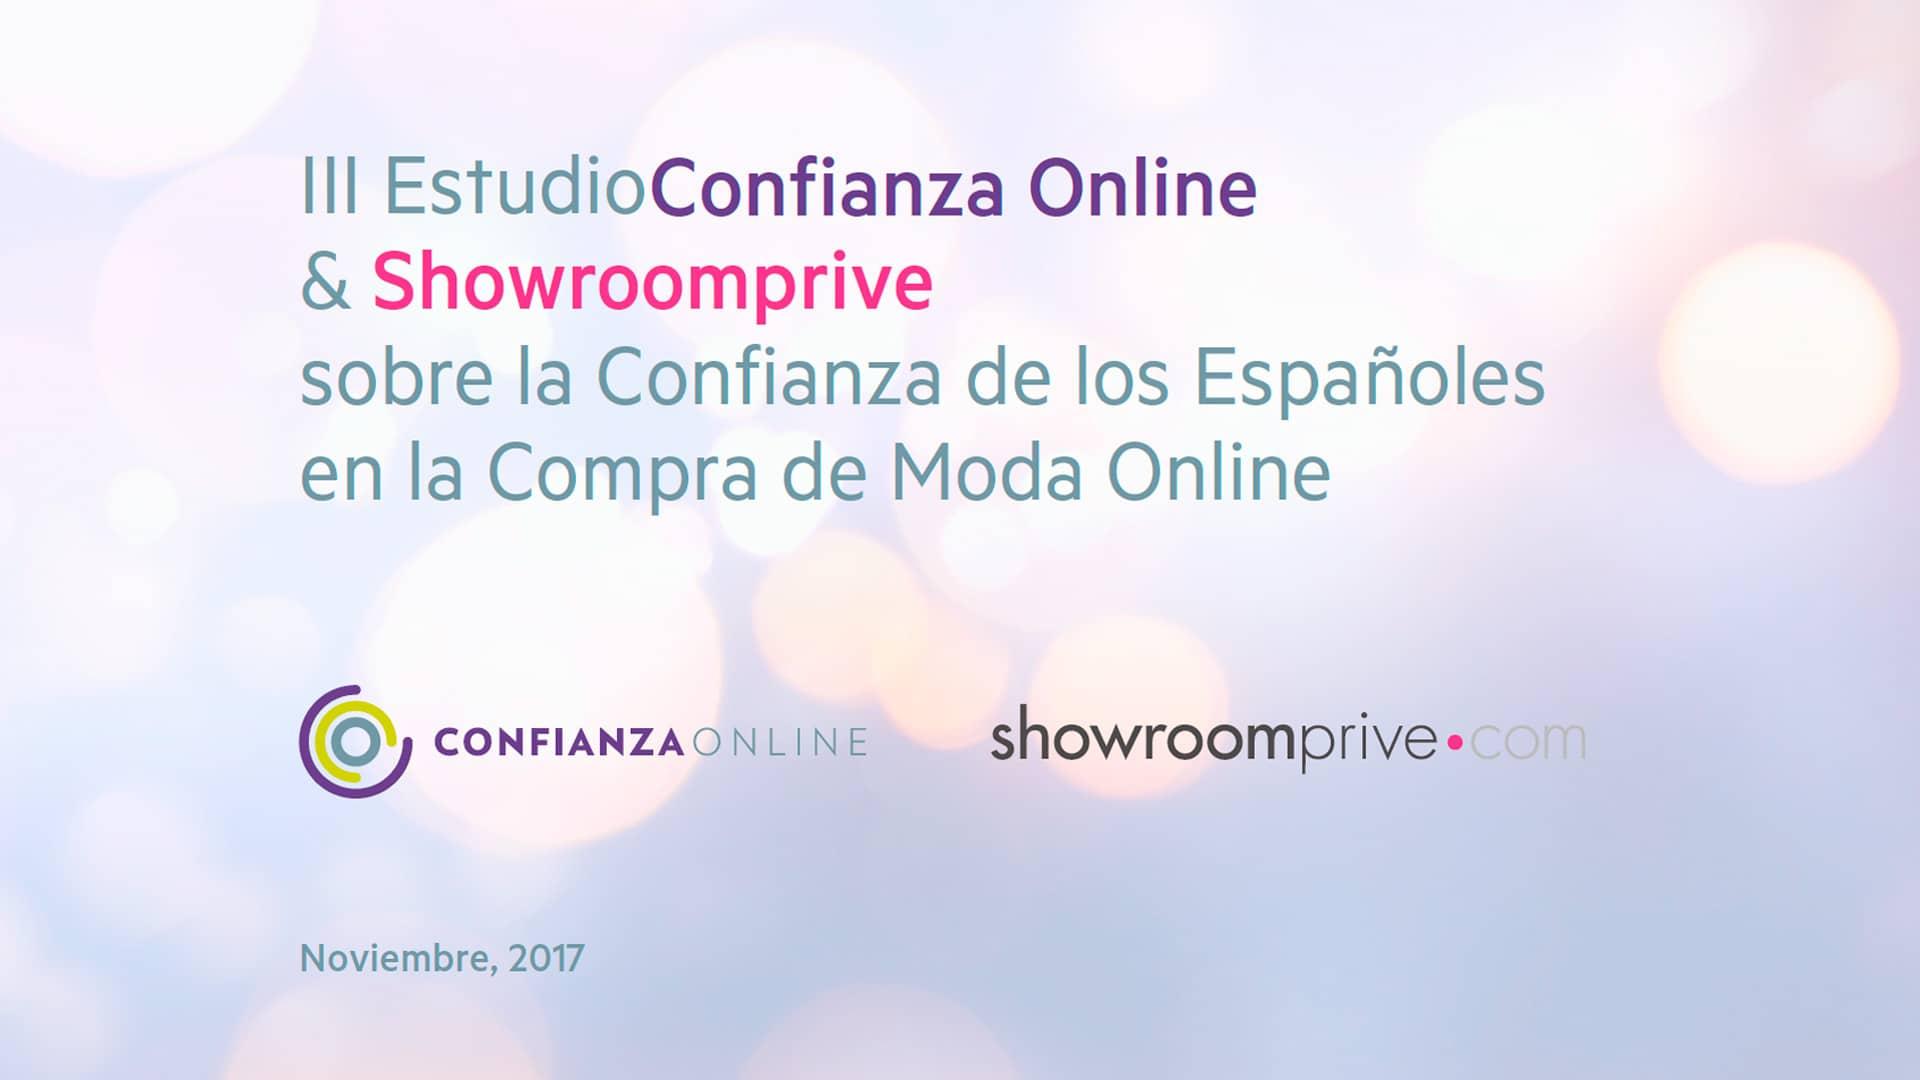 III Estudio sobre la Confianza de los Españoles en las compras de moda online